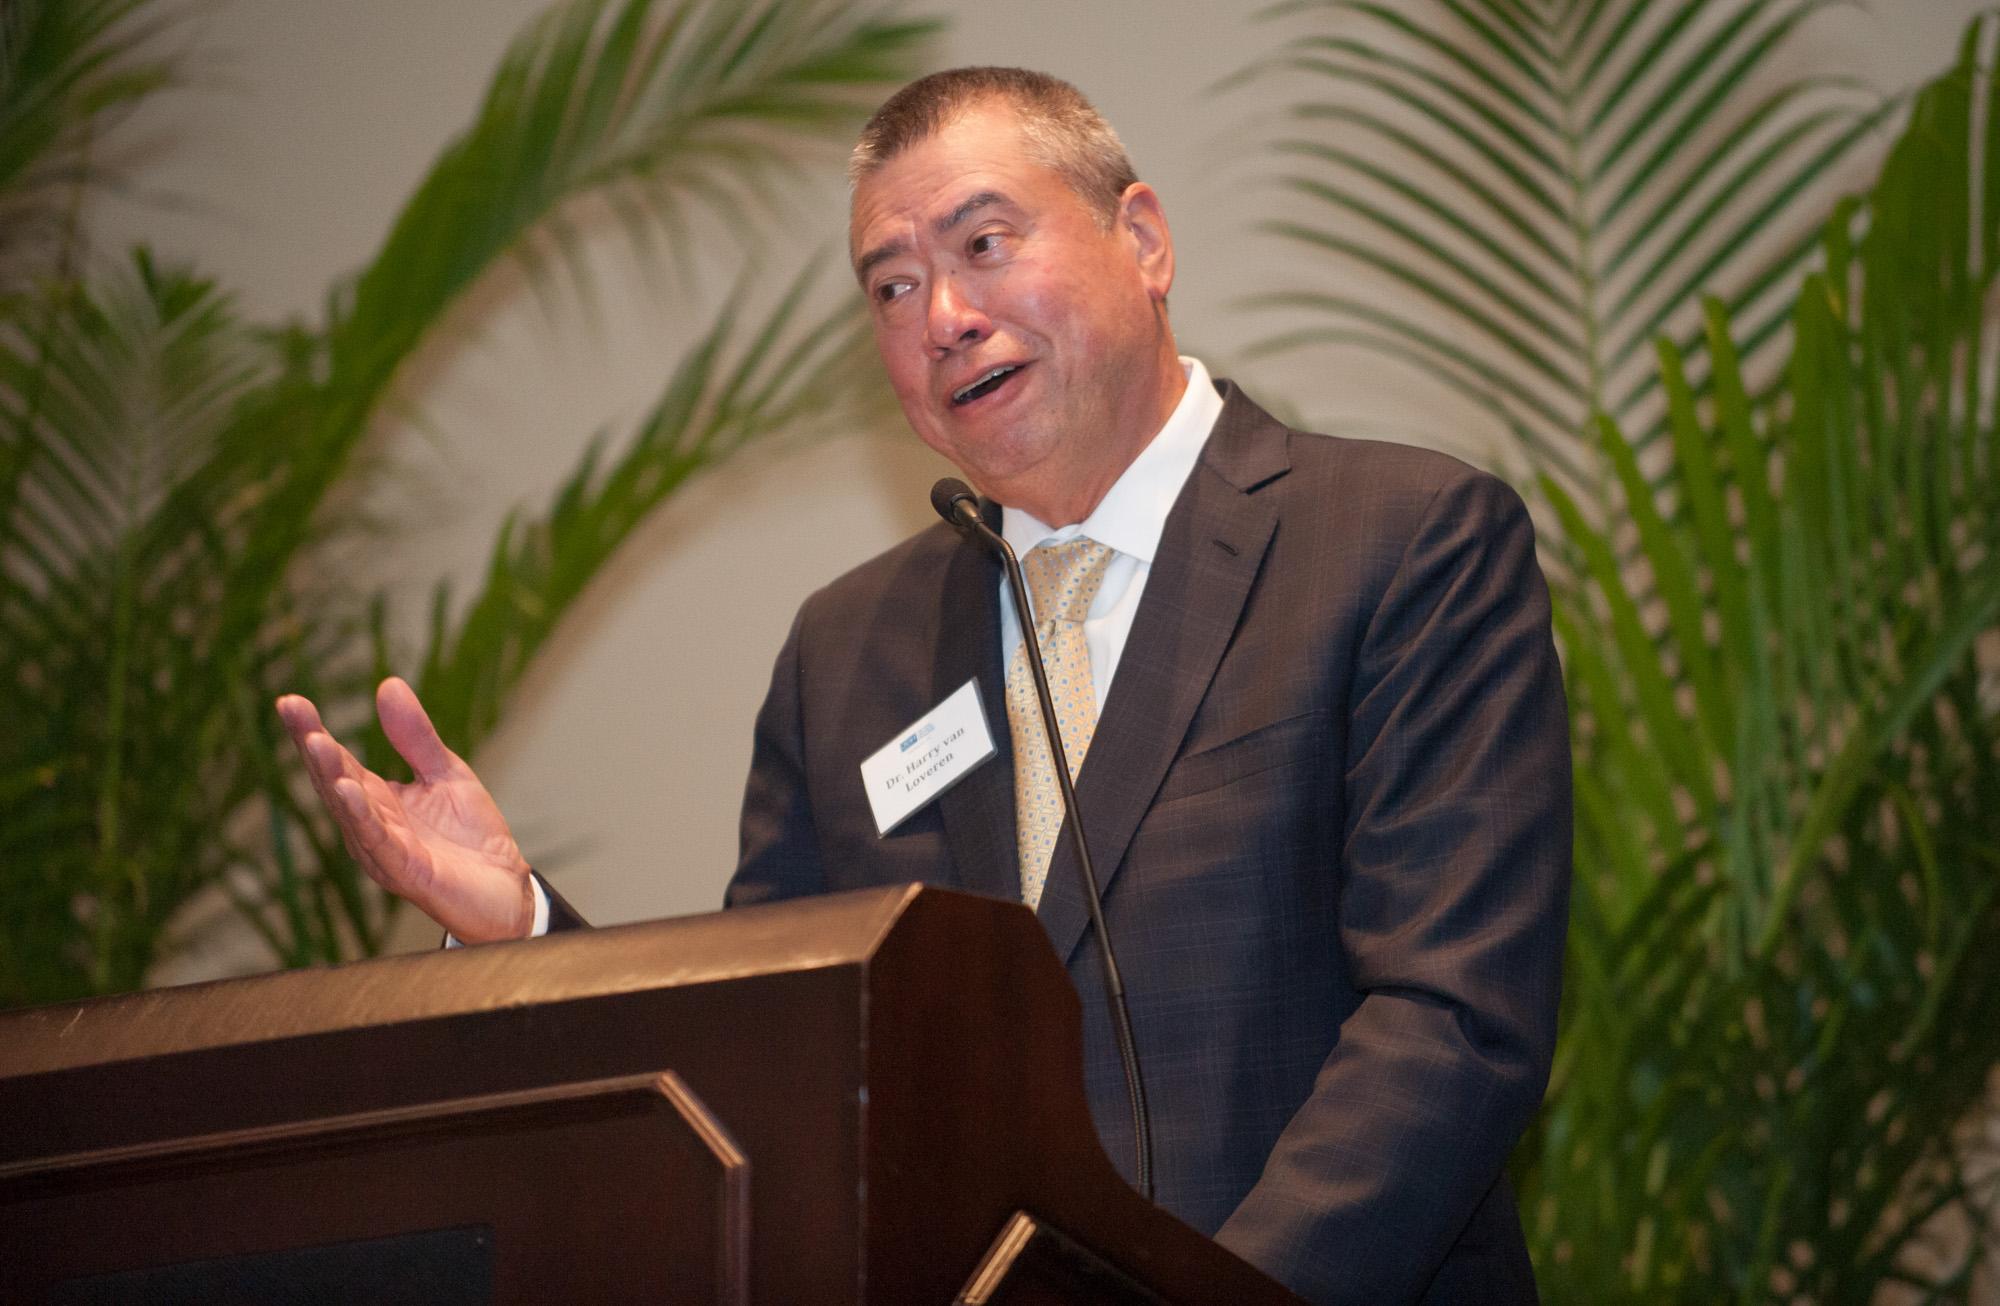 Dr. Harry Van Loveren speaks during the Tgh Foundation dinner.